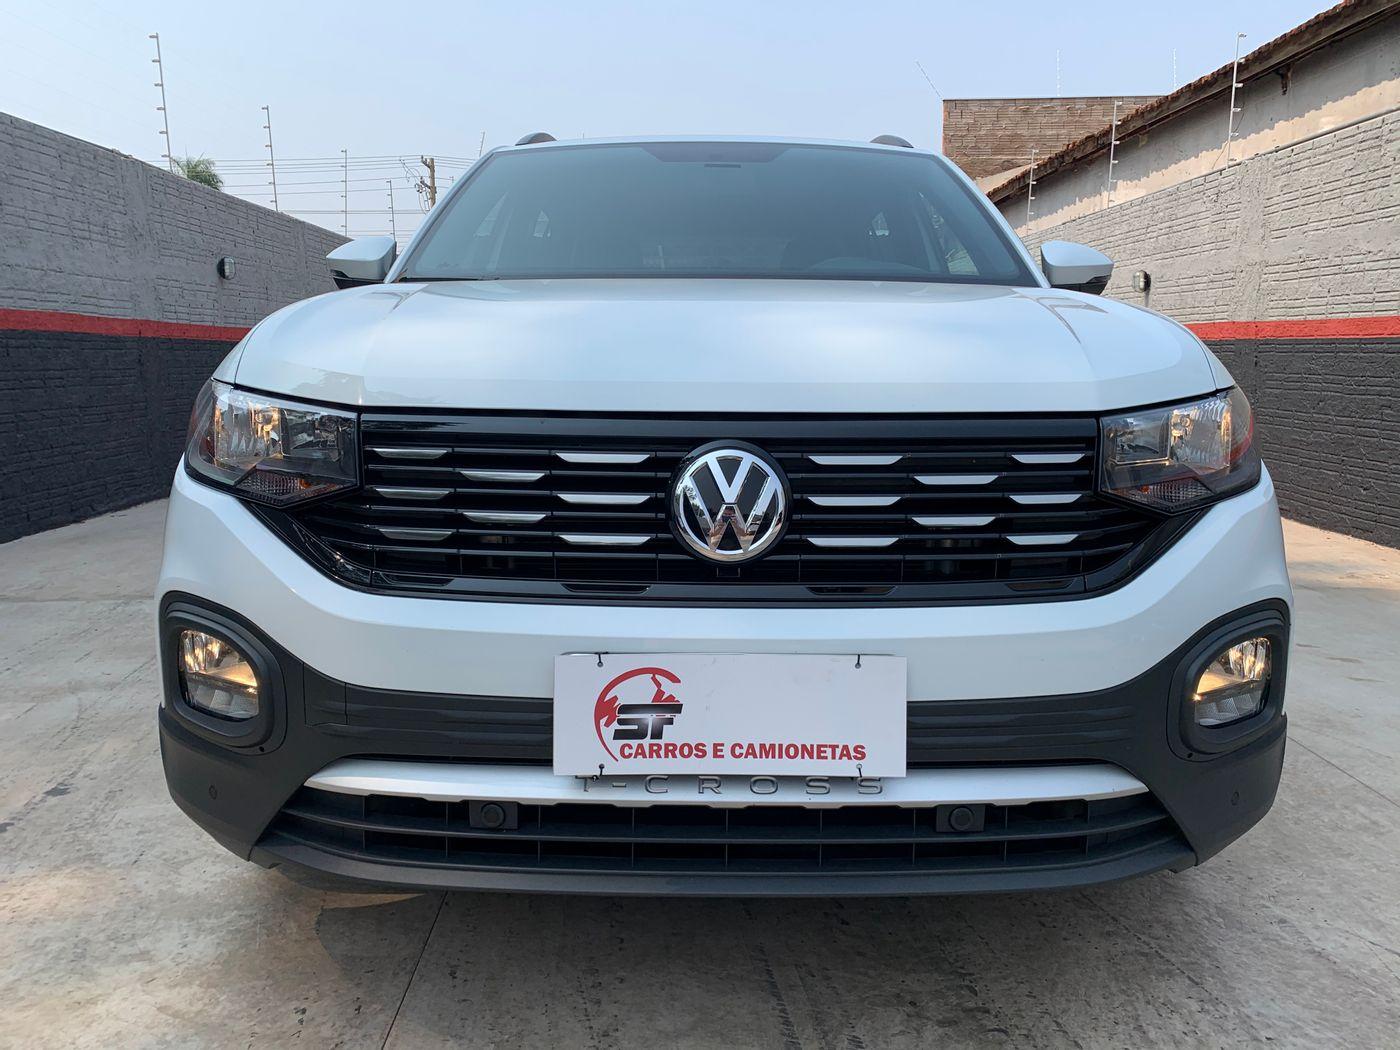 VolksWagen T-Cross Comfortline 1.0 TSI Flex 5p Aut.